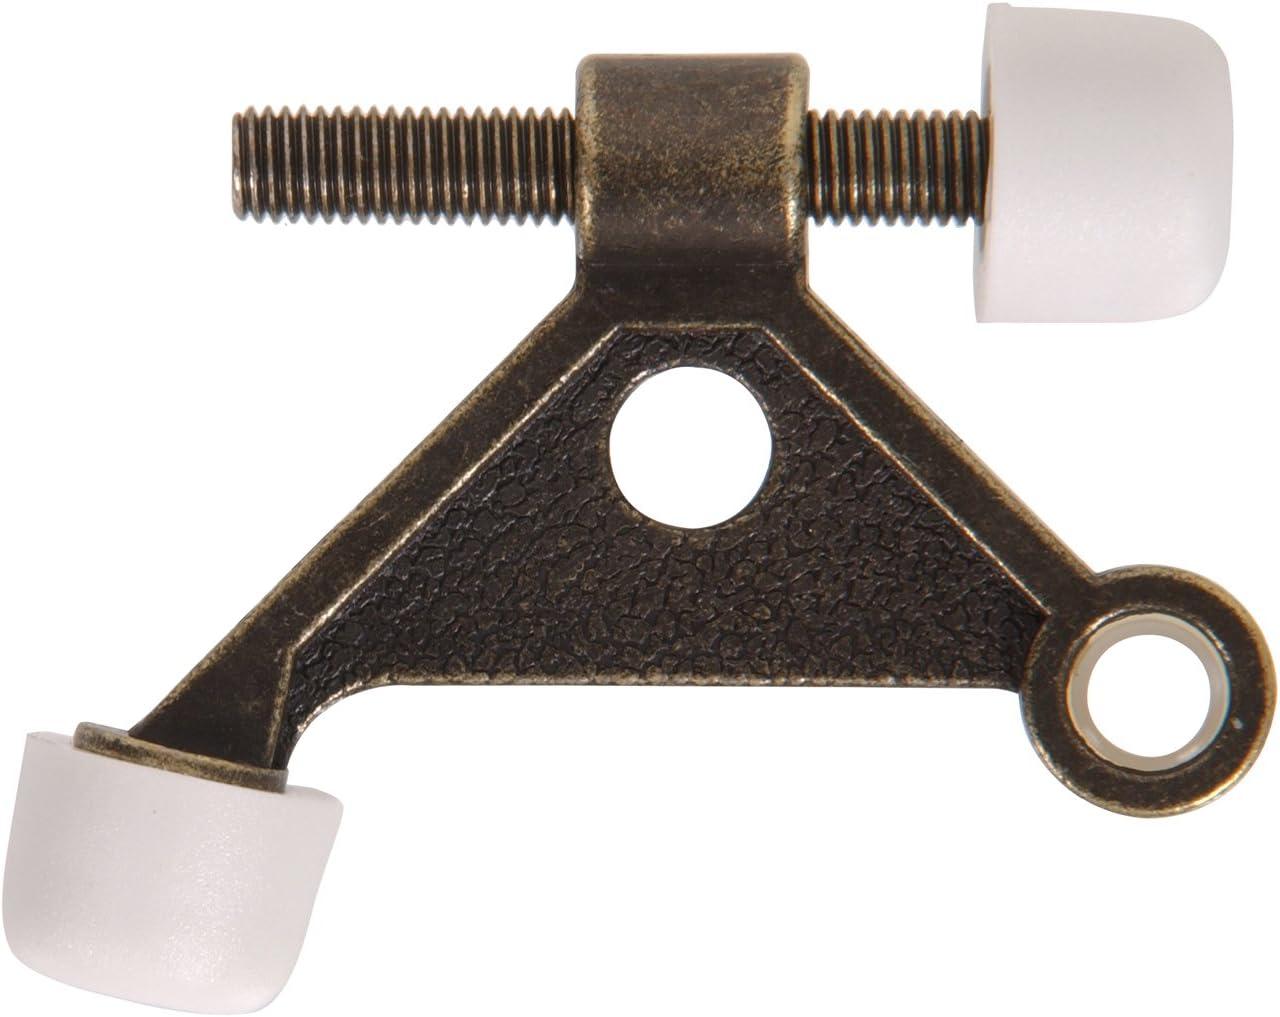 Hillman Hardware Essentials 851328 Hinge Pin Solid Door Stops Antique Brass